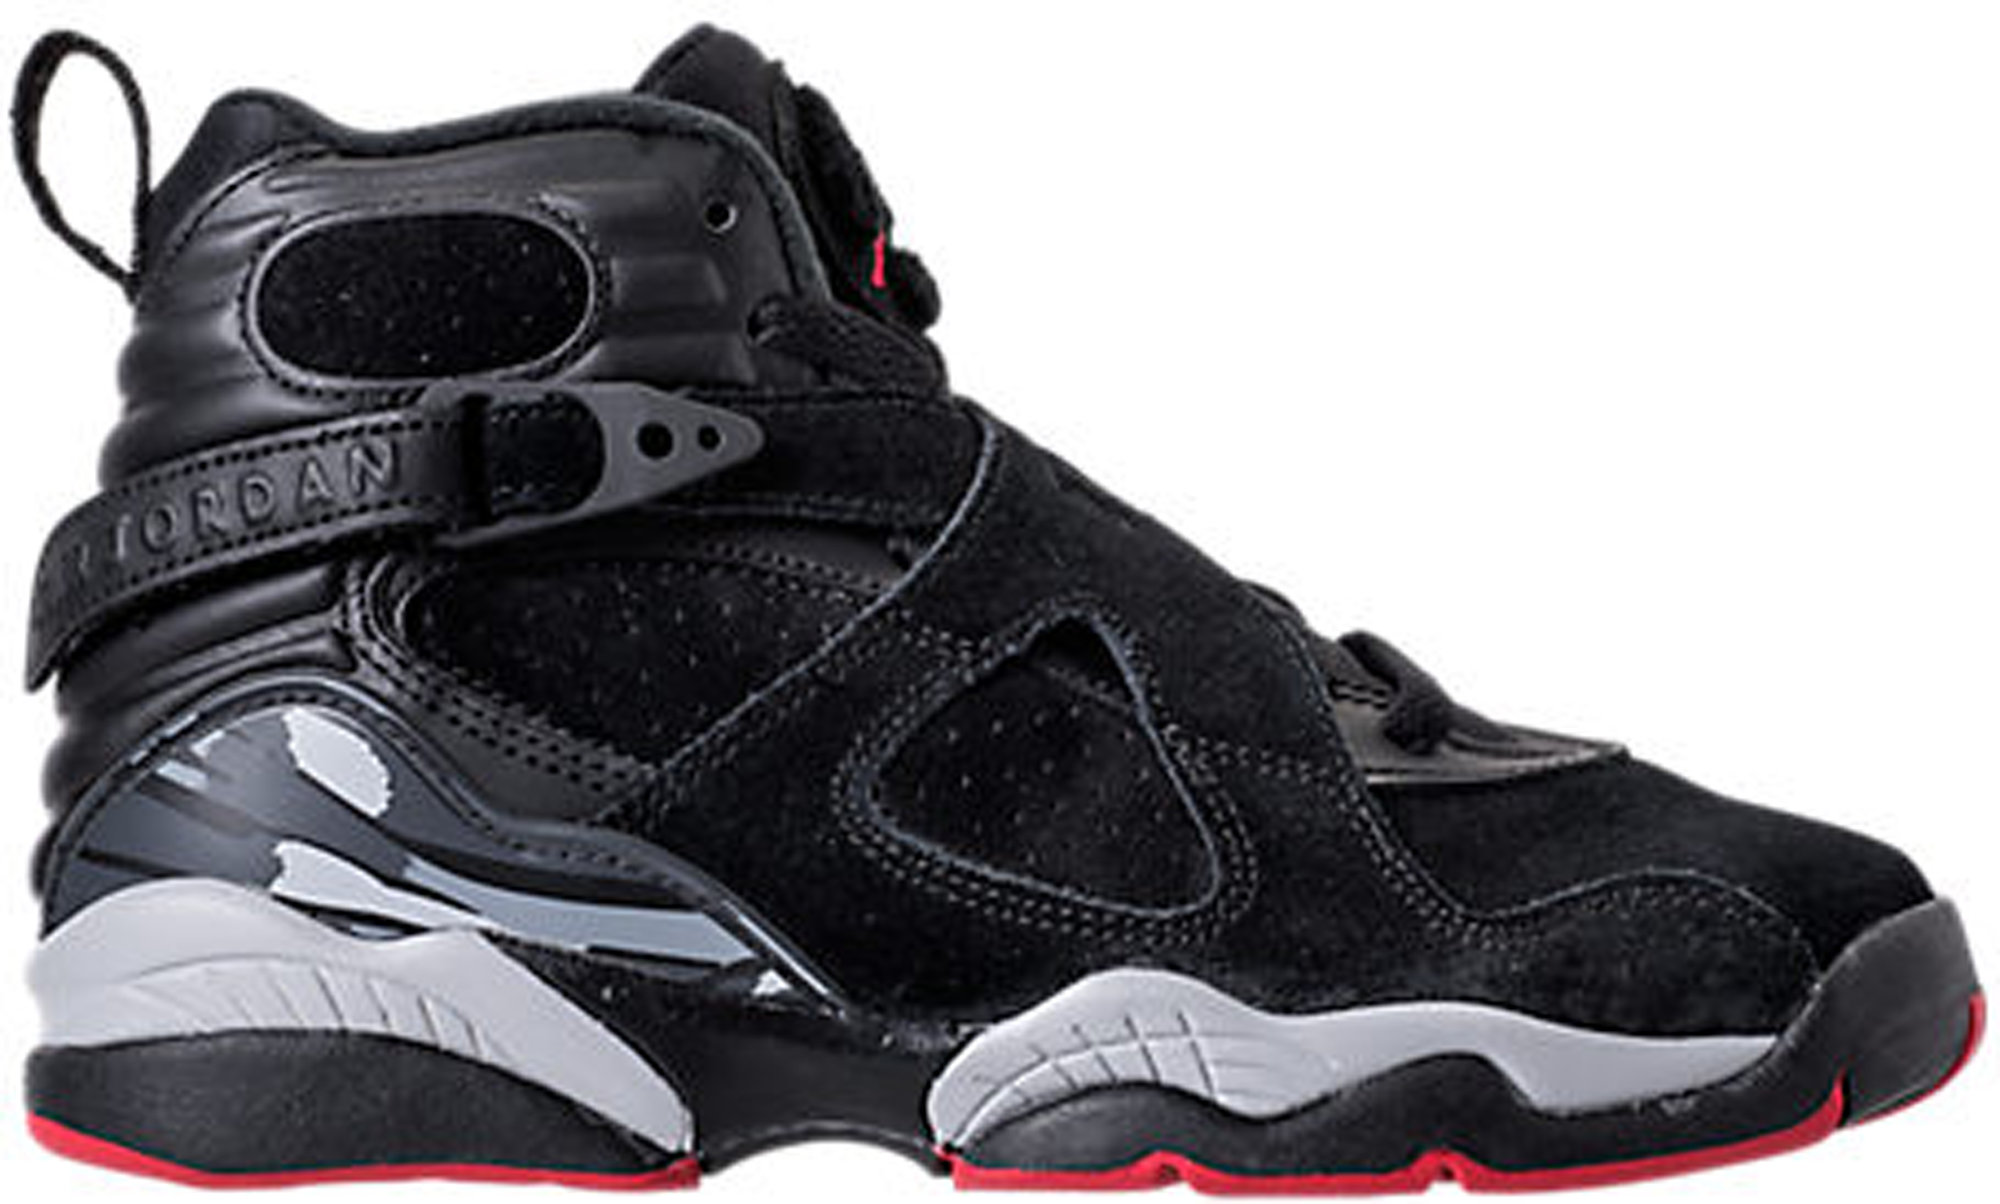 Air Jordan 8 Shoes - Release Date